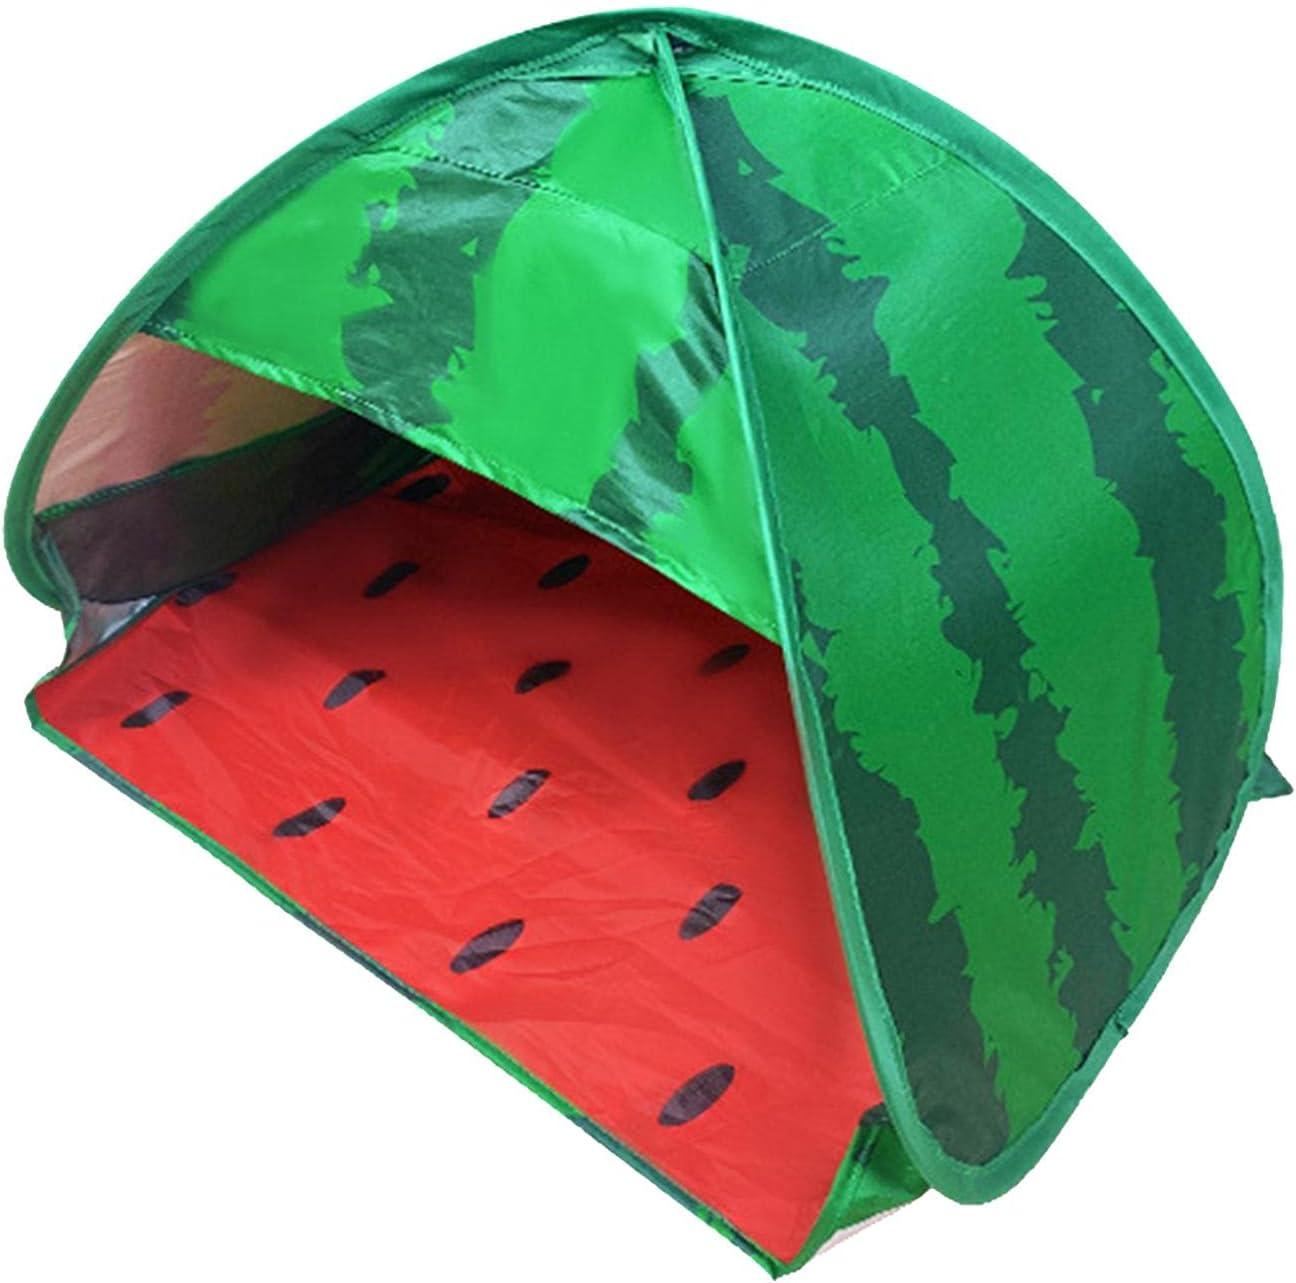 Vecksoy Carpa Instantánea para Sombrillas De Playa Carpa Plegable Portátil con Dosel De Protección Solar A Prueba De Viento para Actividades Al Aire Libre